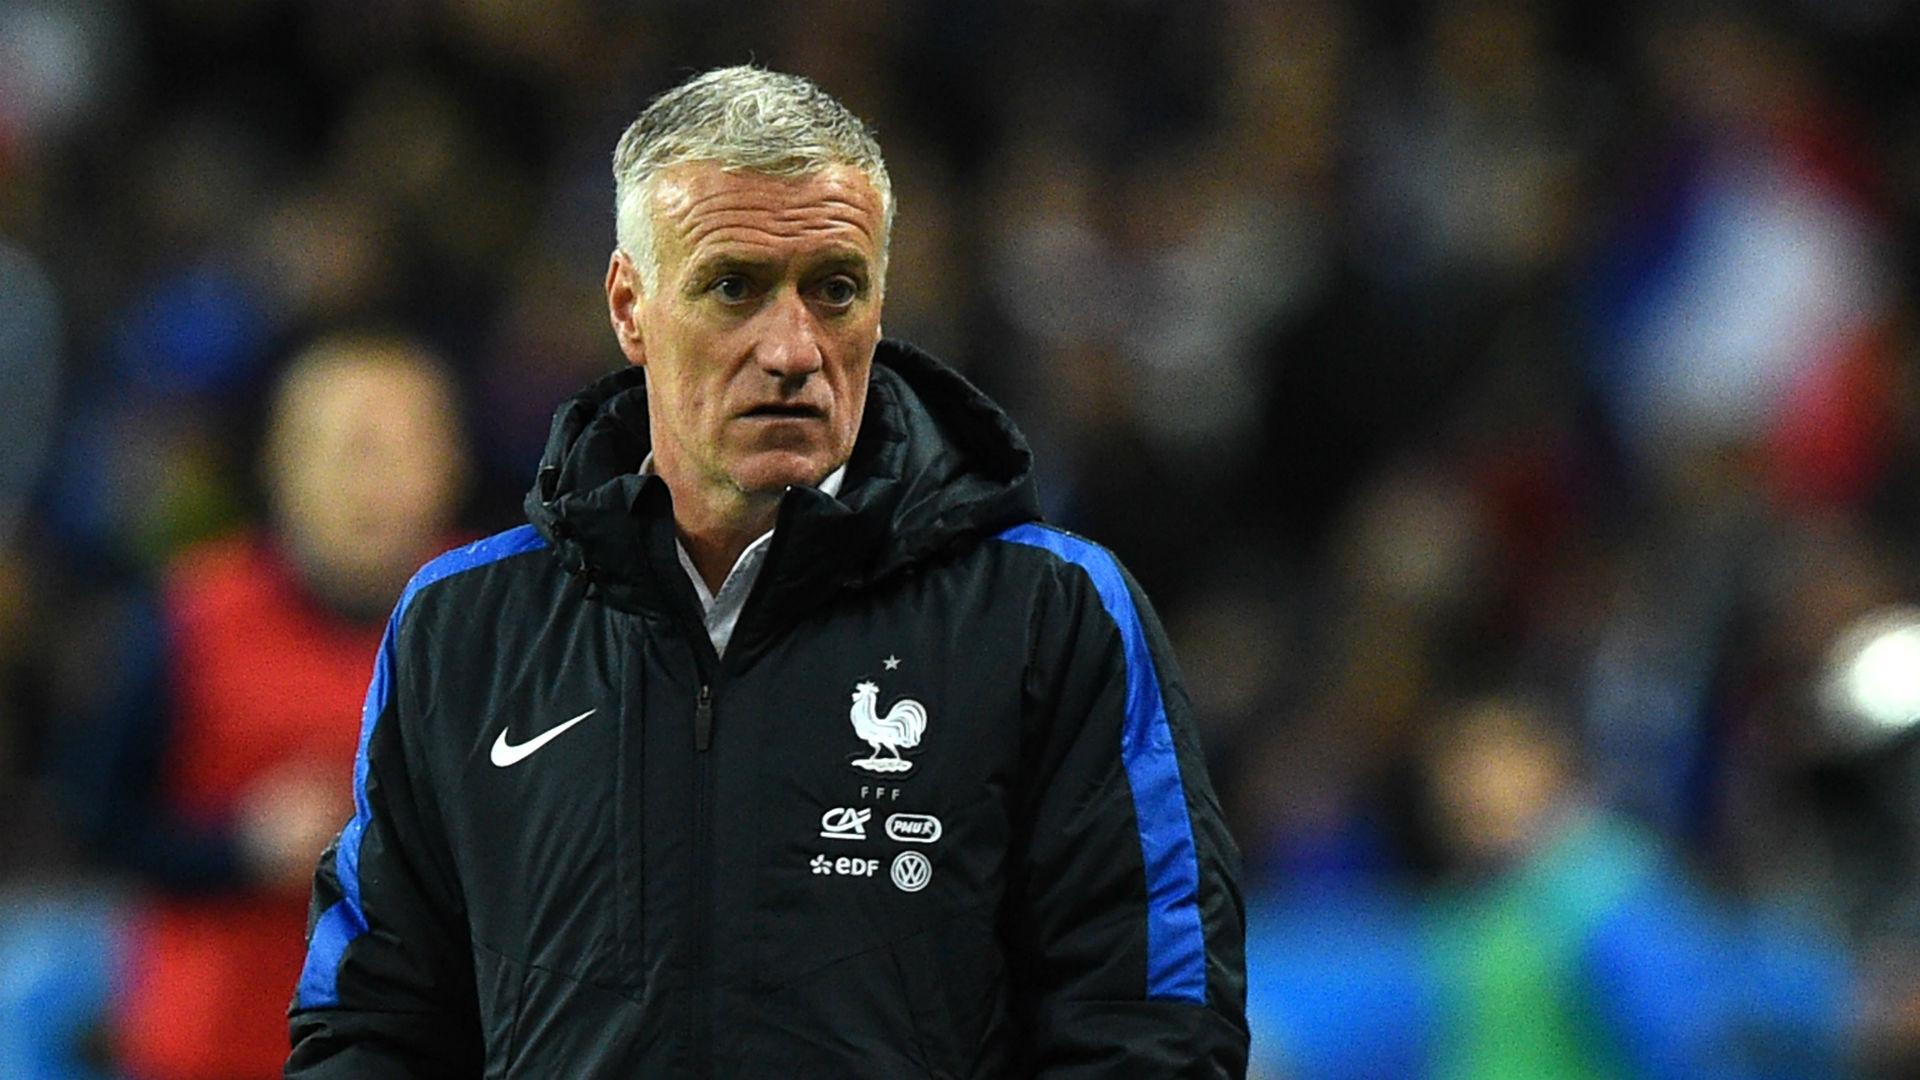 Pelatih Hotspur Jose Mourinho Prediksi France Gagal Juara Euro 2020 Didier Deschamps Tidak Senang